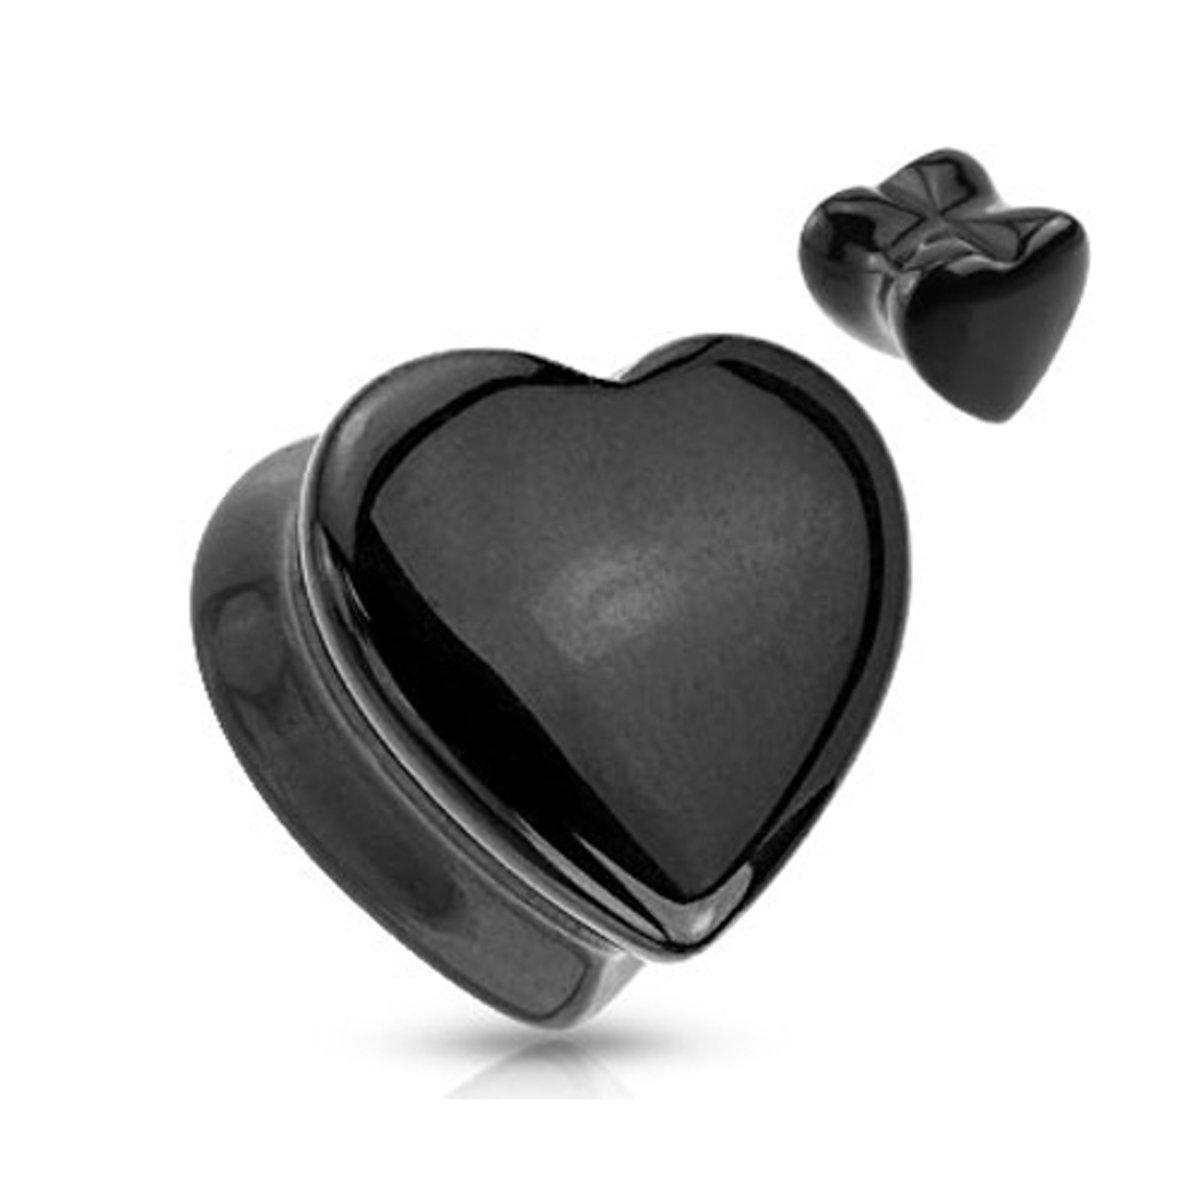 6 mm Double-flared plug zwart hart steen ©LMPiercings kopen